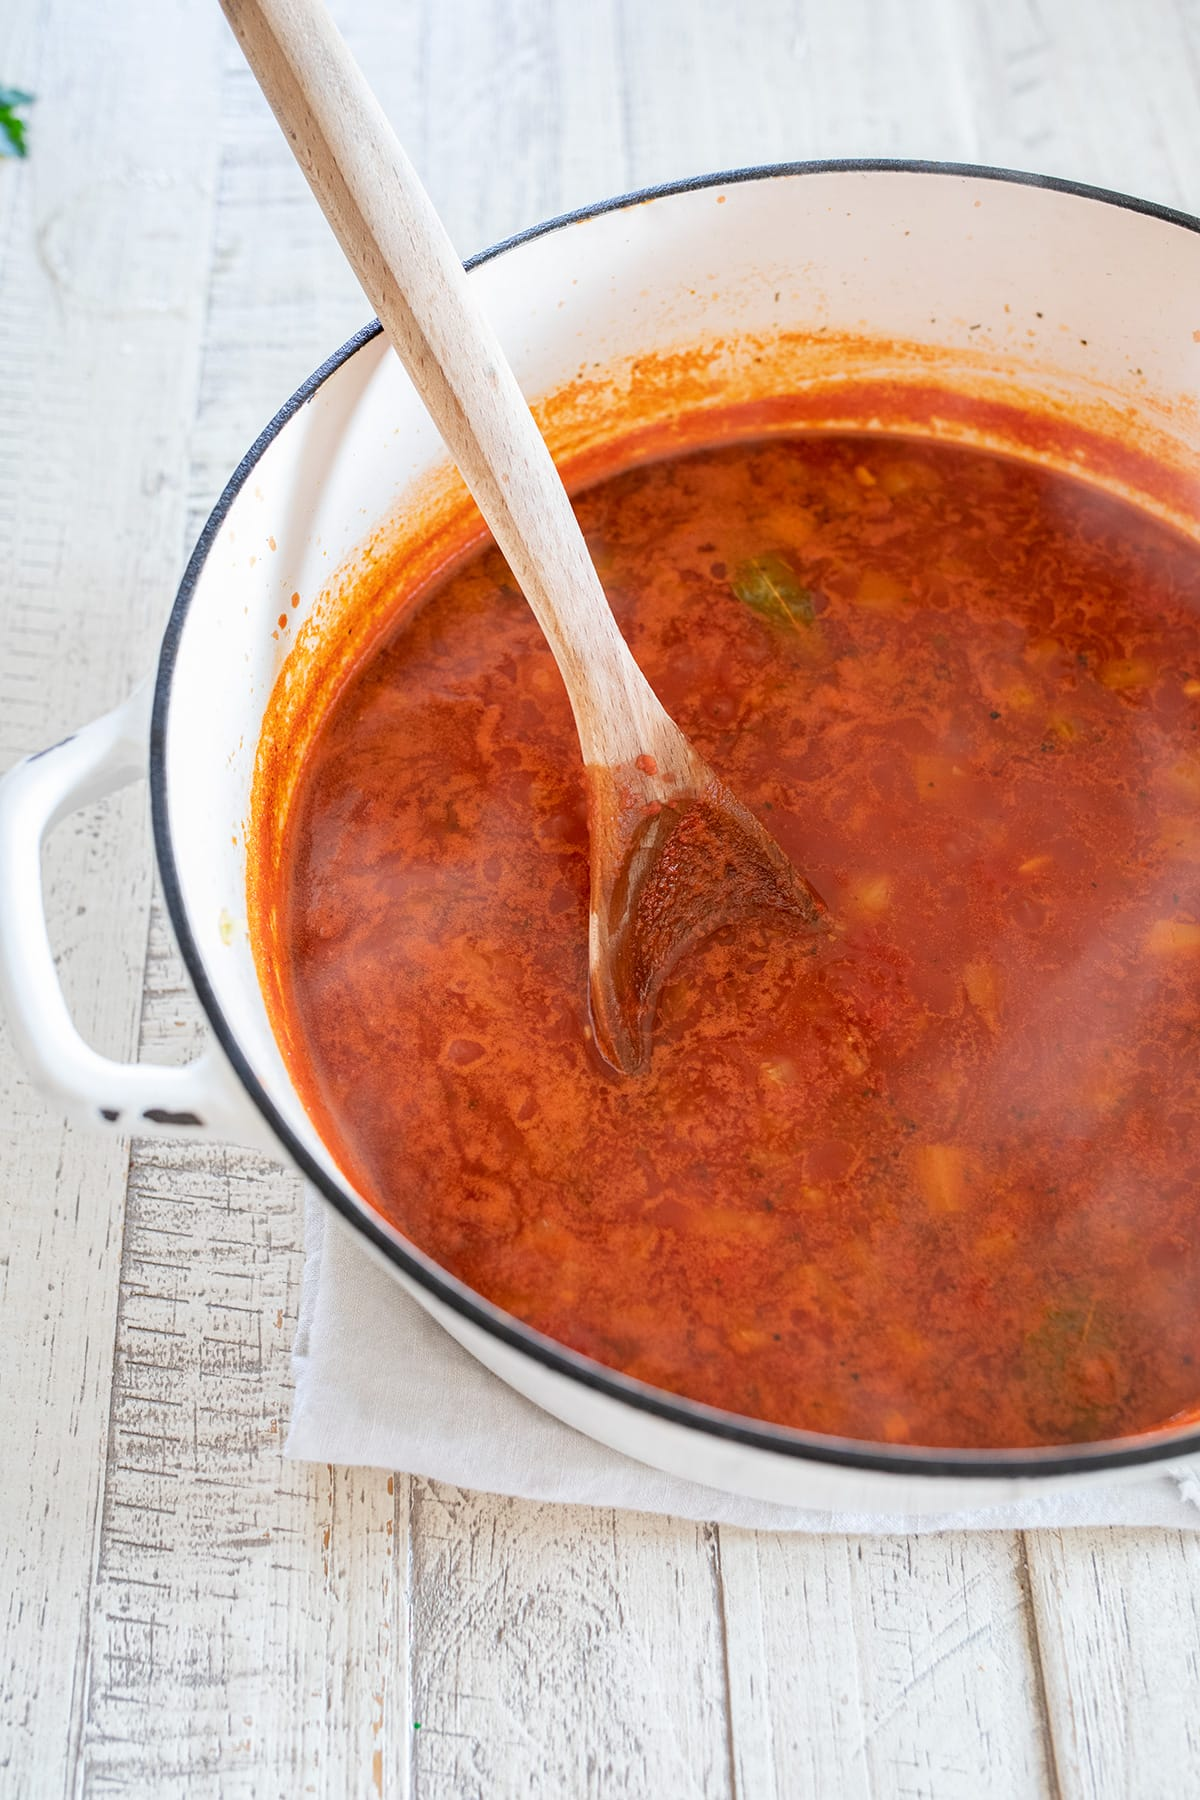 Italian Cioppino Seafood Stew Recipe